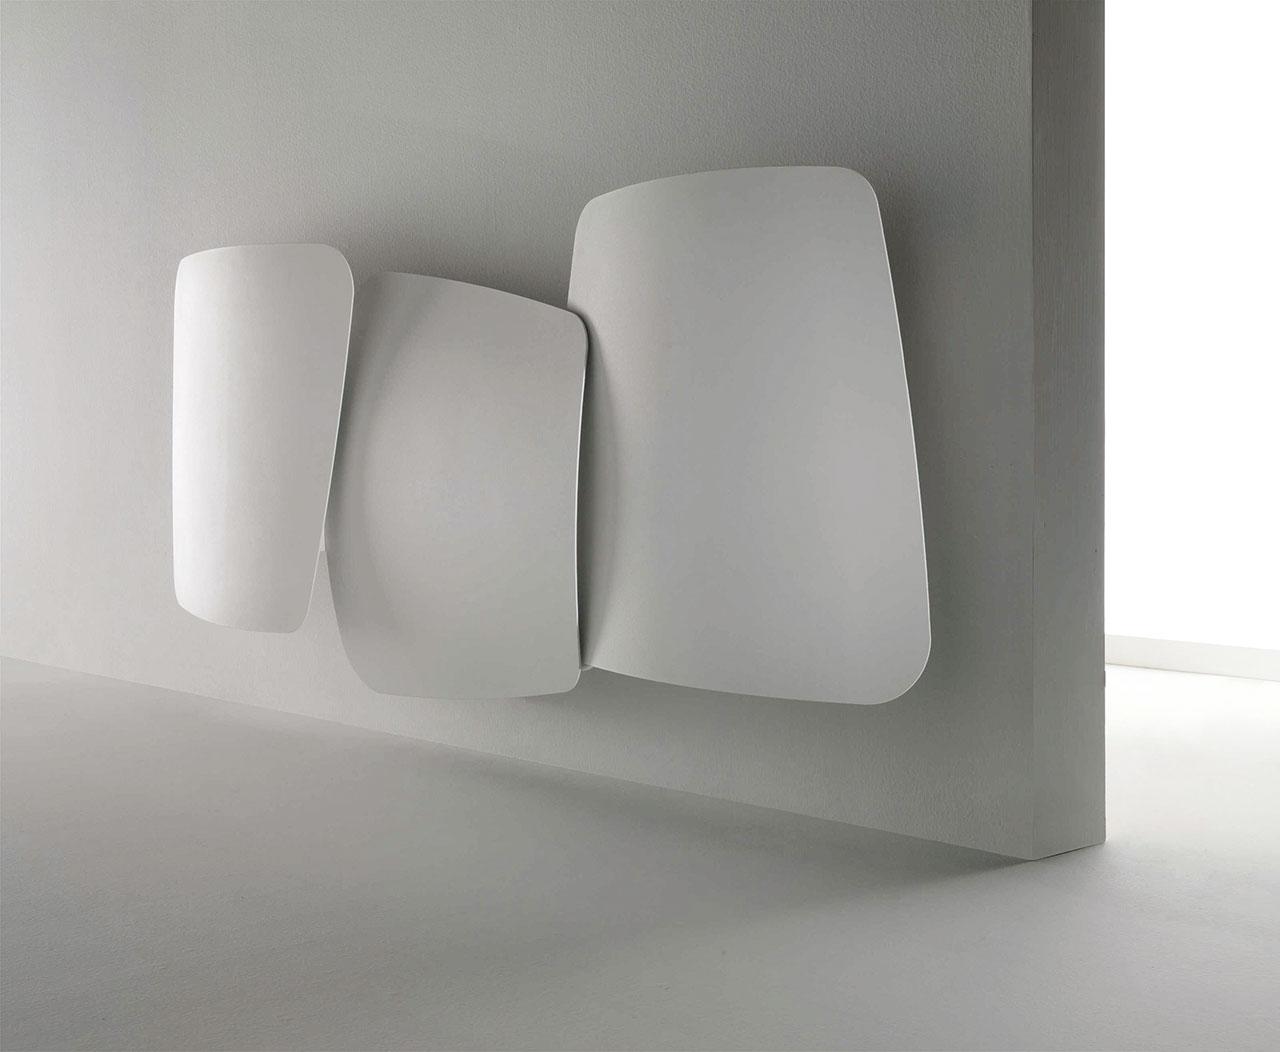 — Scudi, Termosifone Antrax, 2004